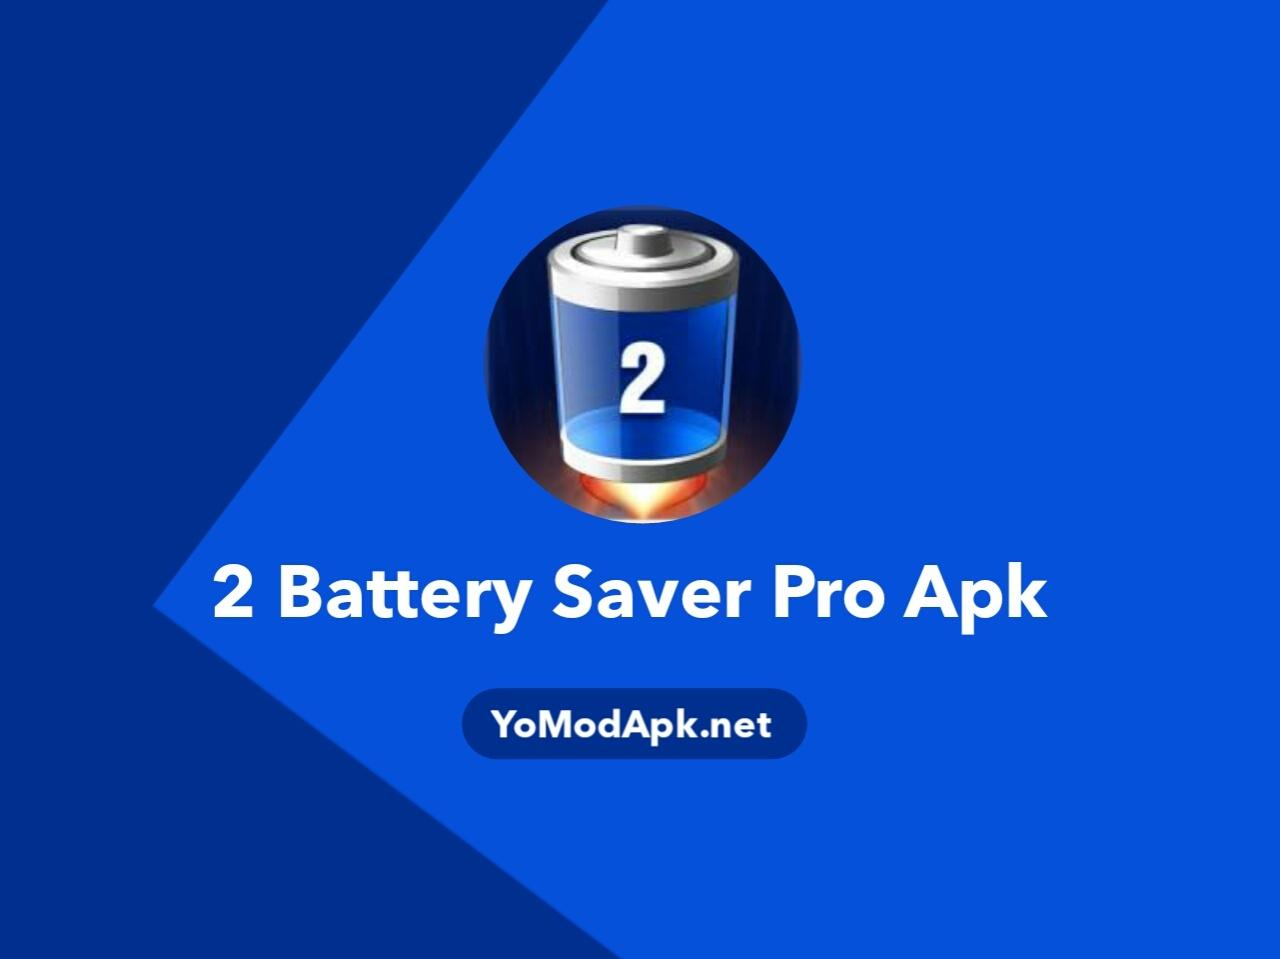 2 battery pro batter saver apk download